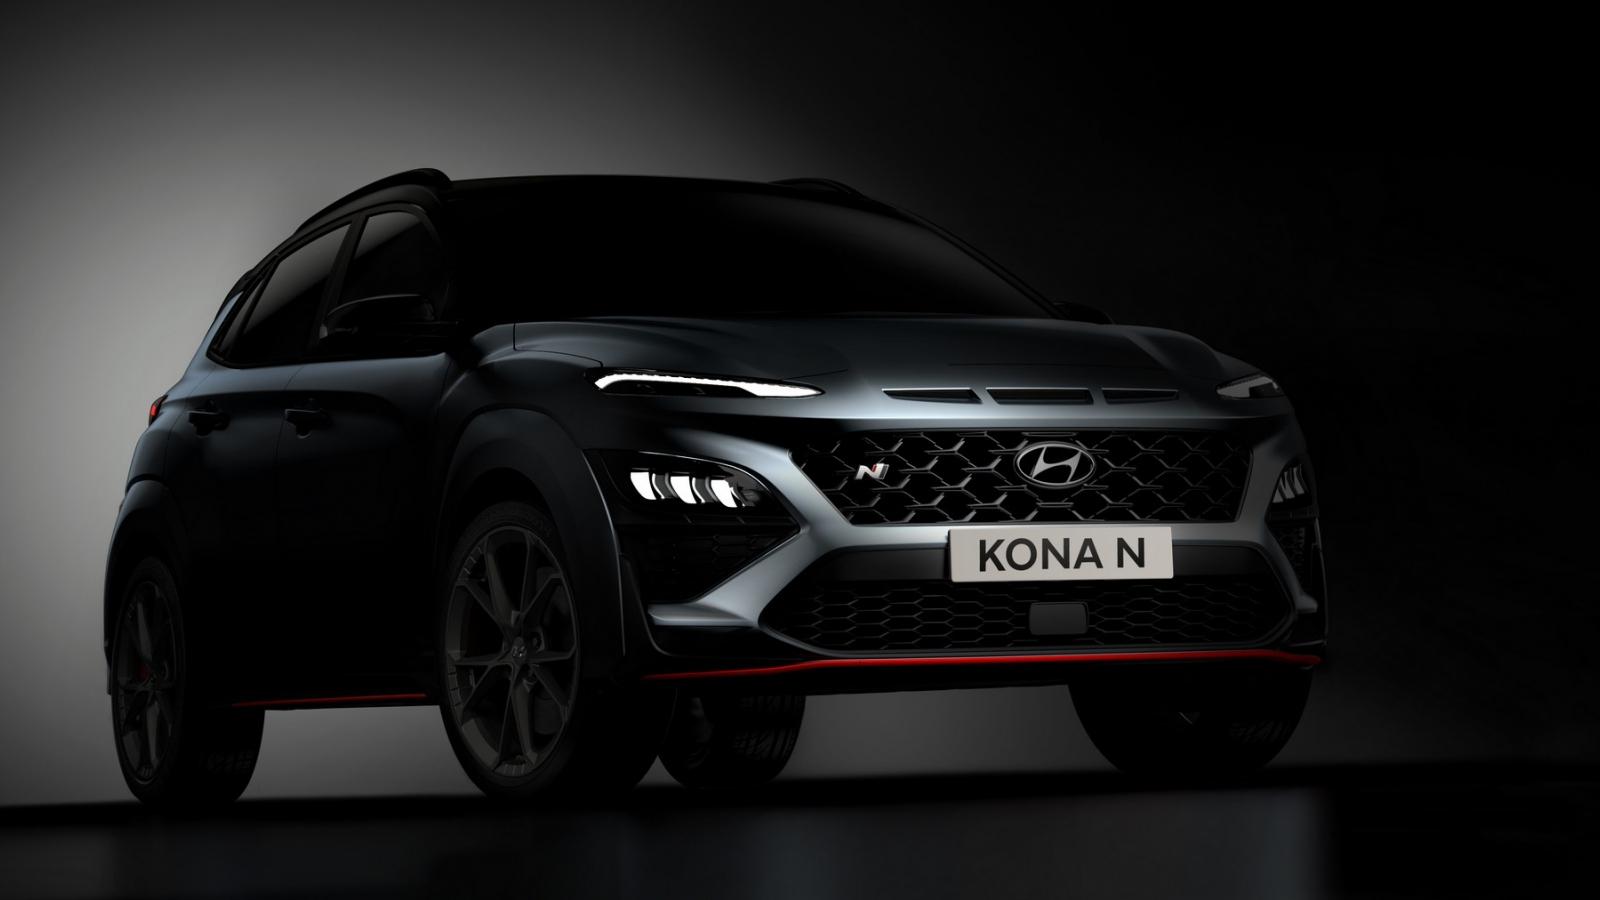 Rò rỉ hình ảnh về chiếc Hyundai Kona N 2022